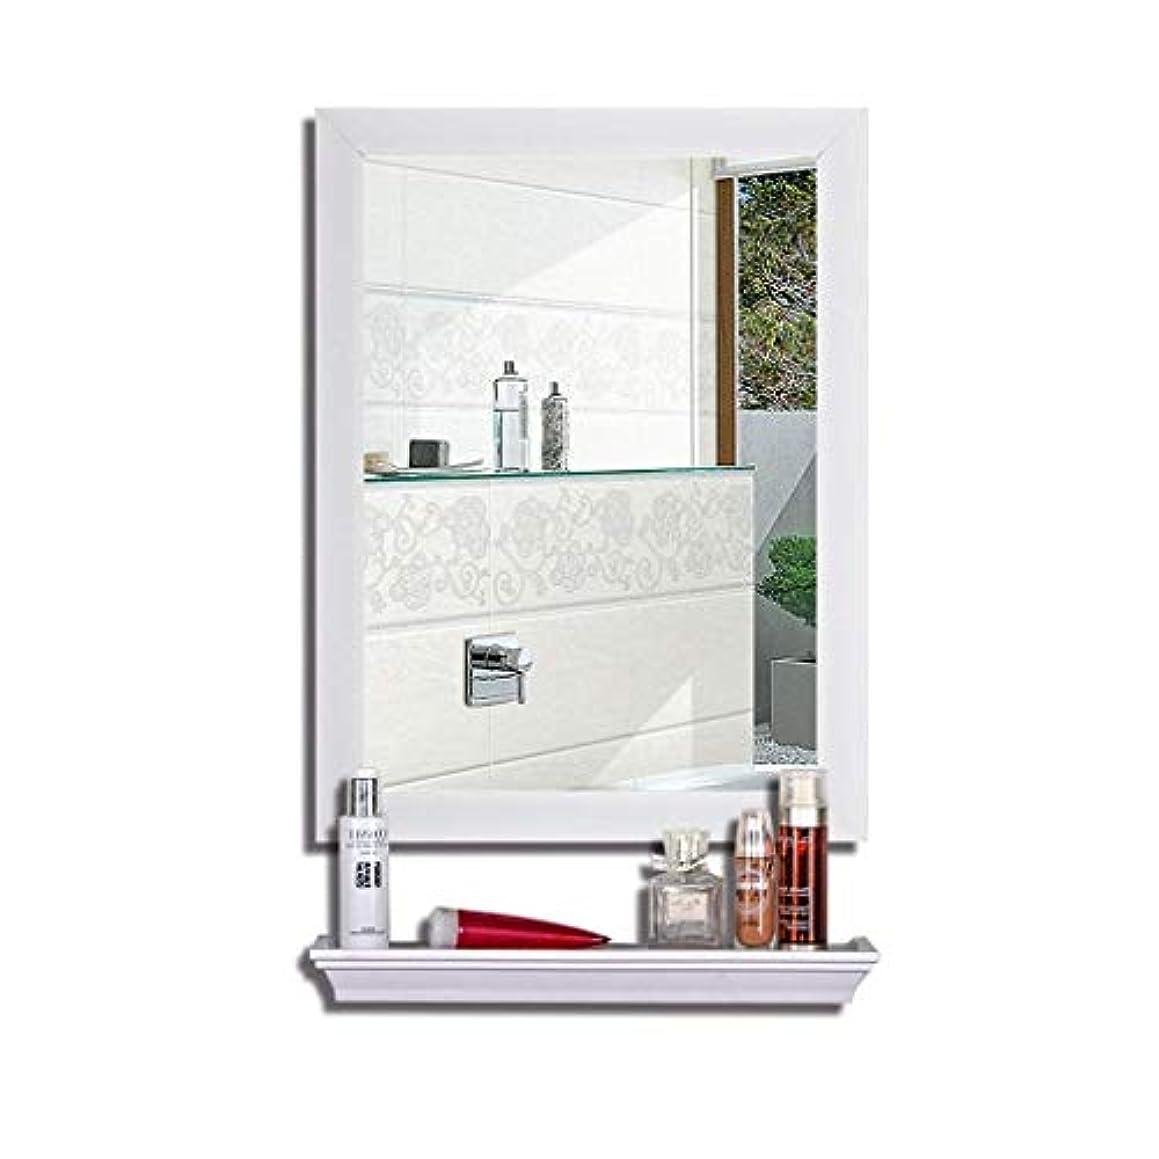 備品加入正しくSelm 壁掛けトイレ化粧鏡化粧台、北欧スタイル